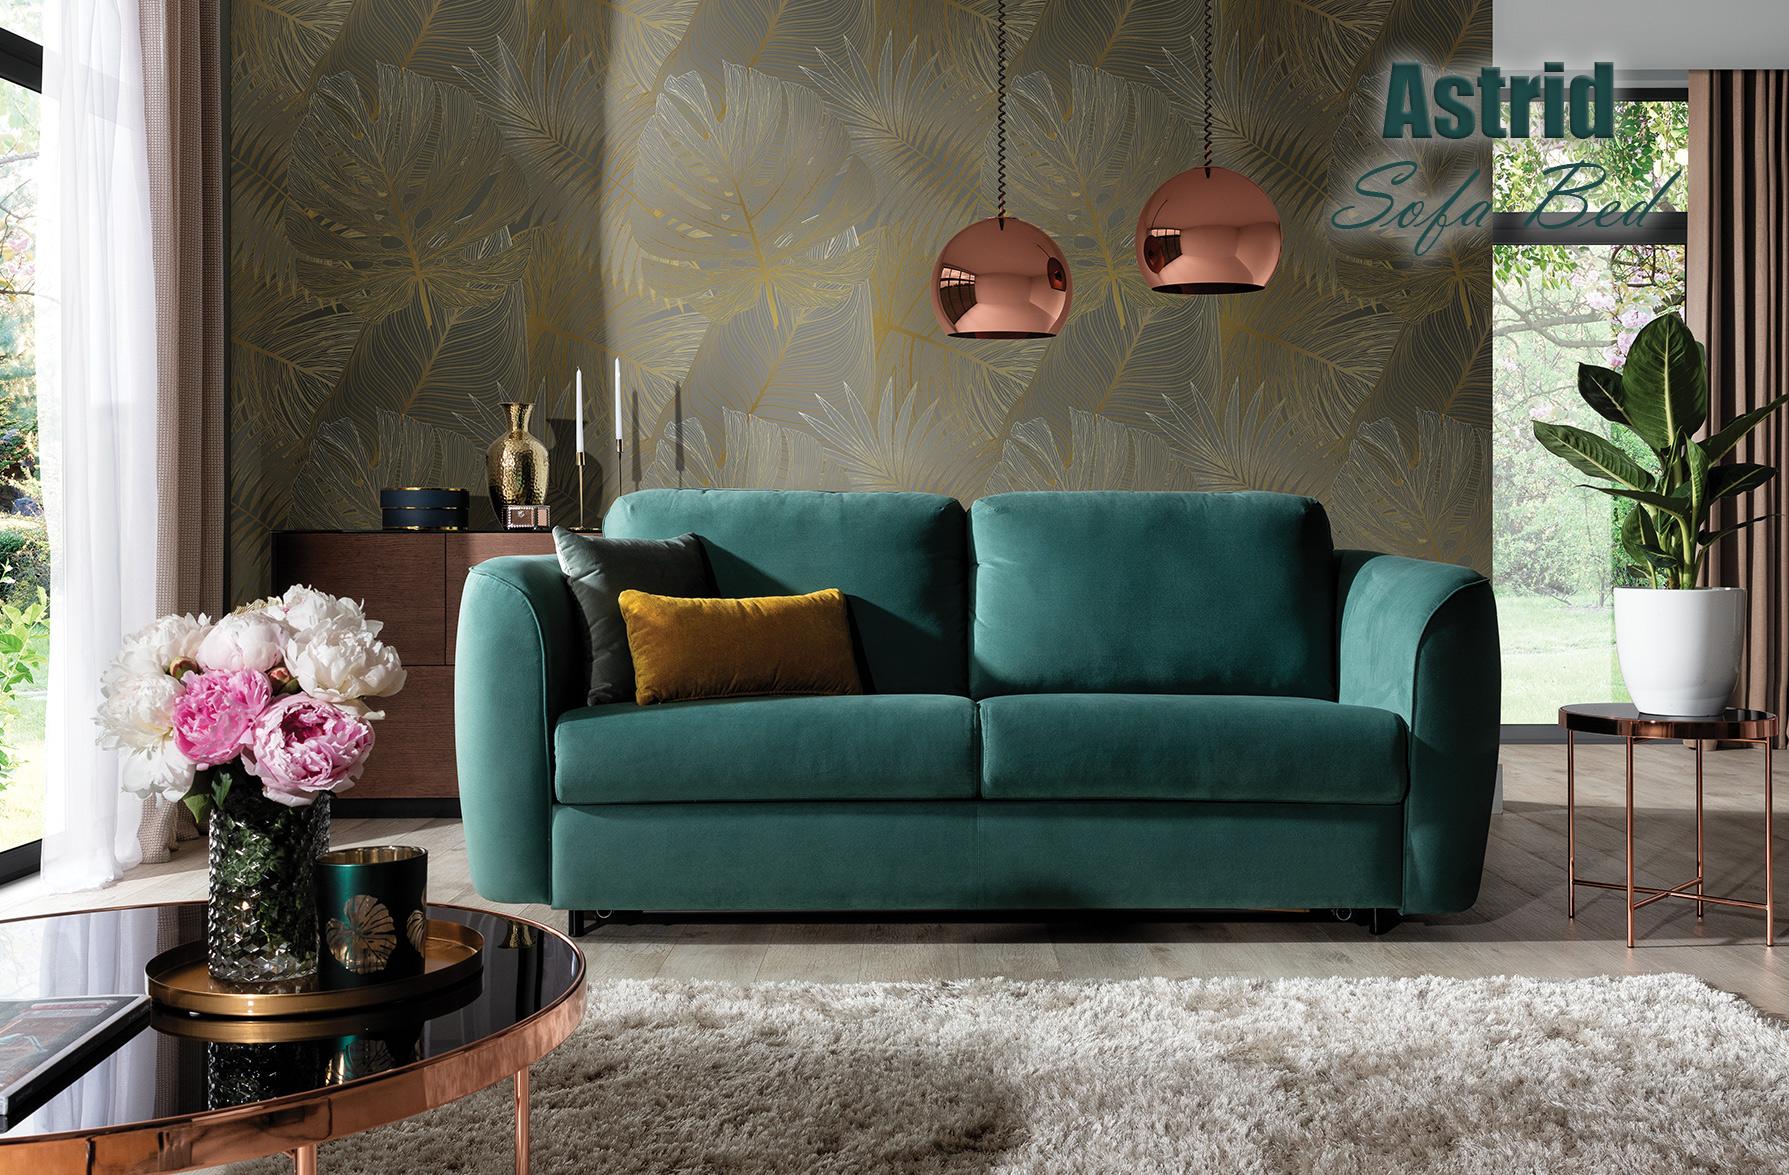 Astrid Sectional Sofa, Cheap